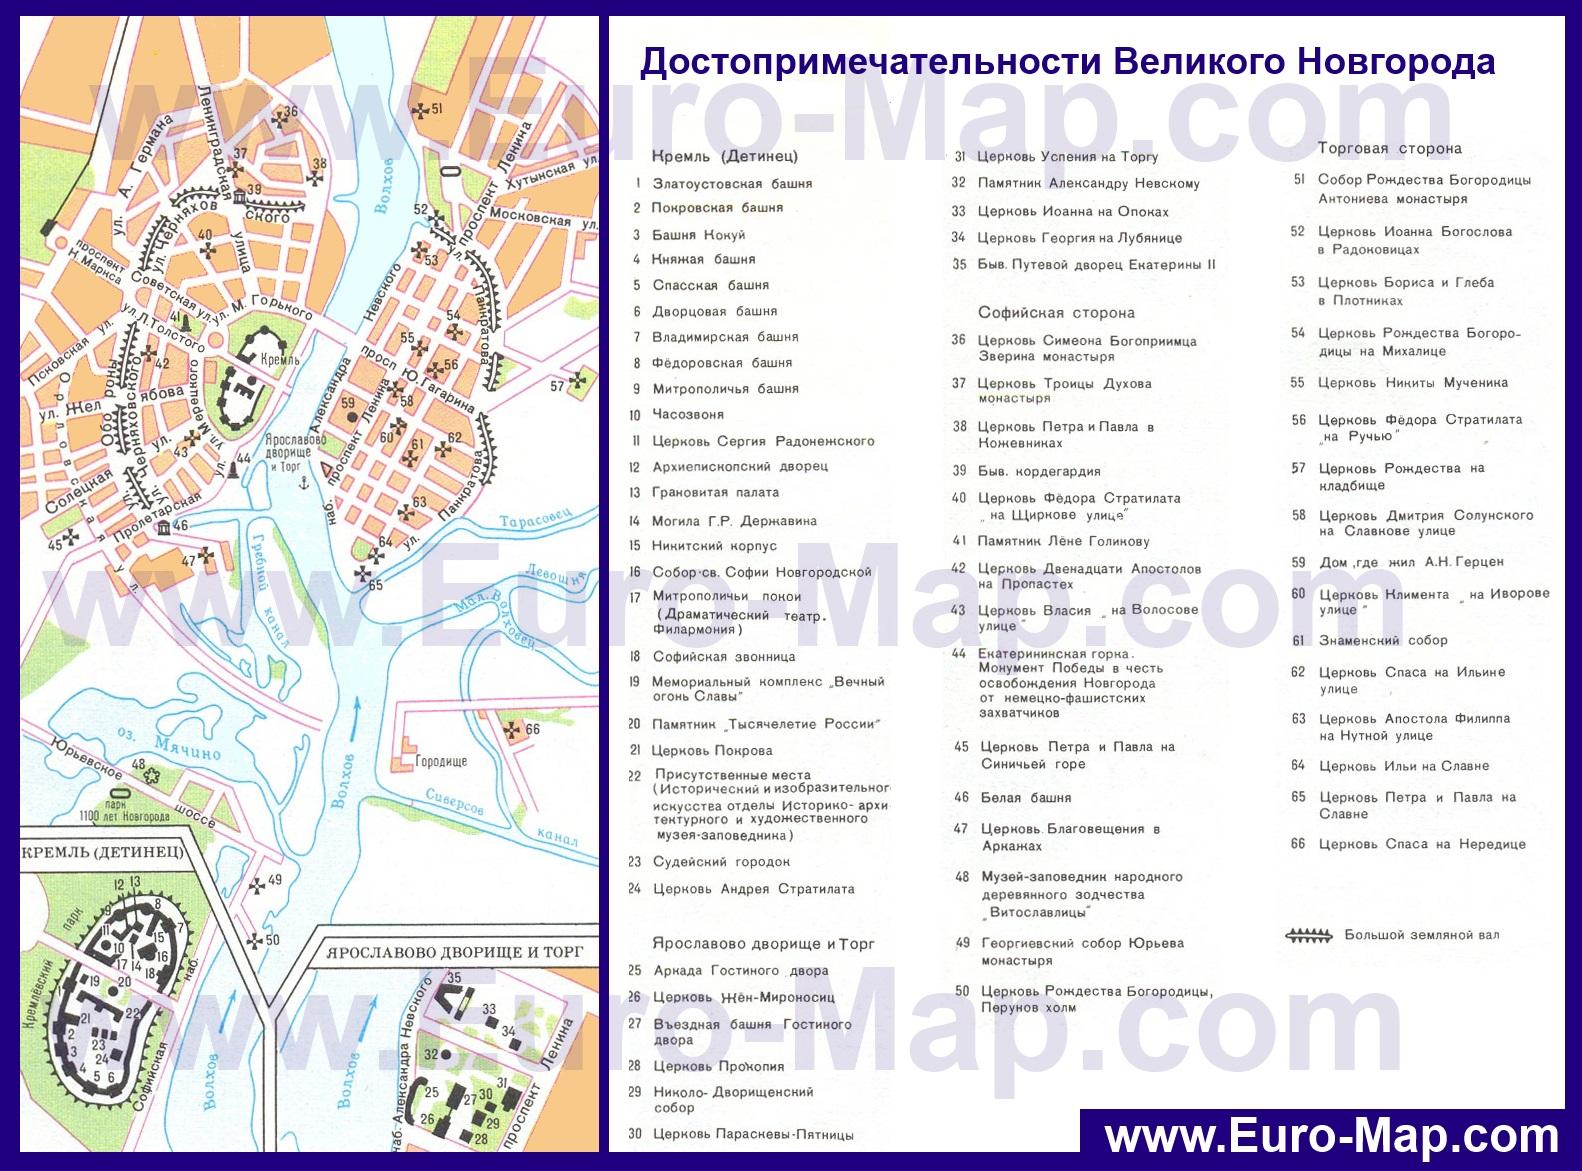 Великий Новгород карта достопримечательностей